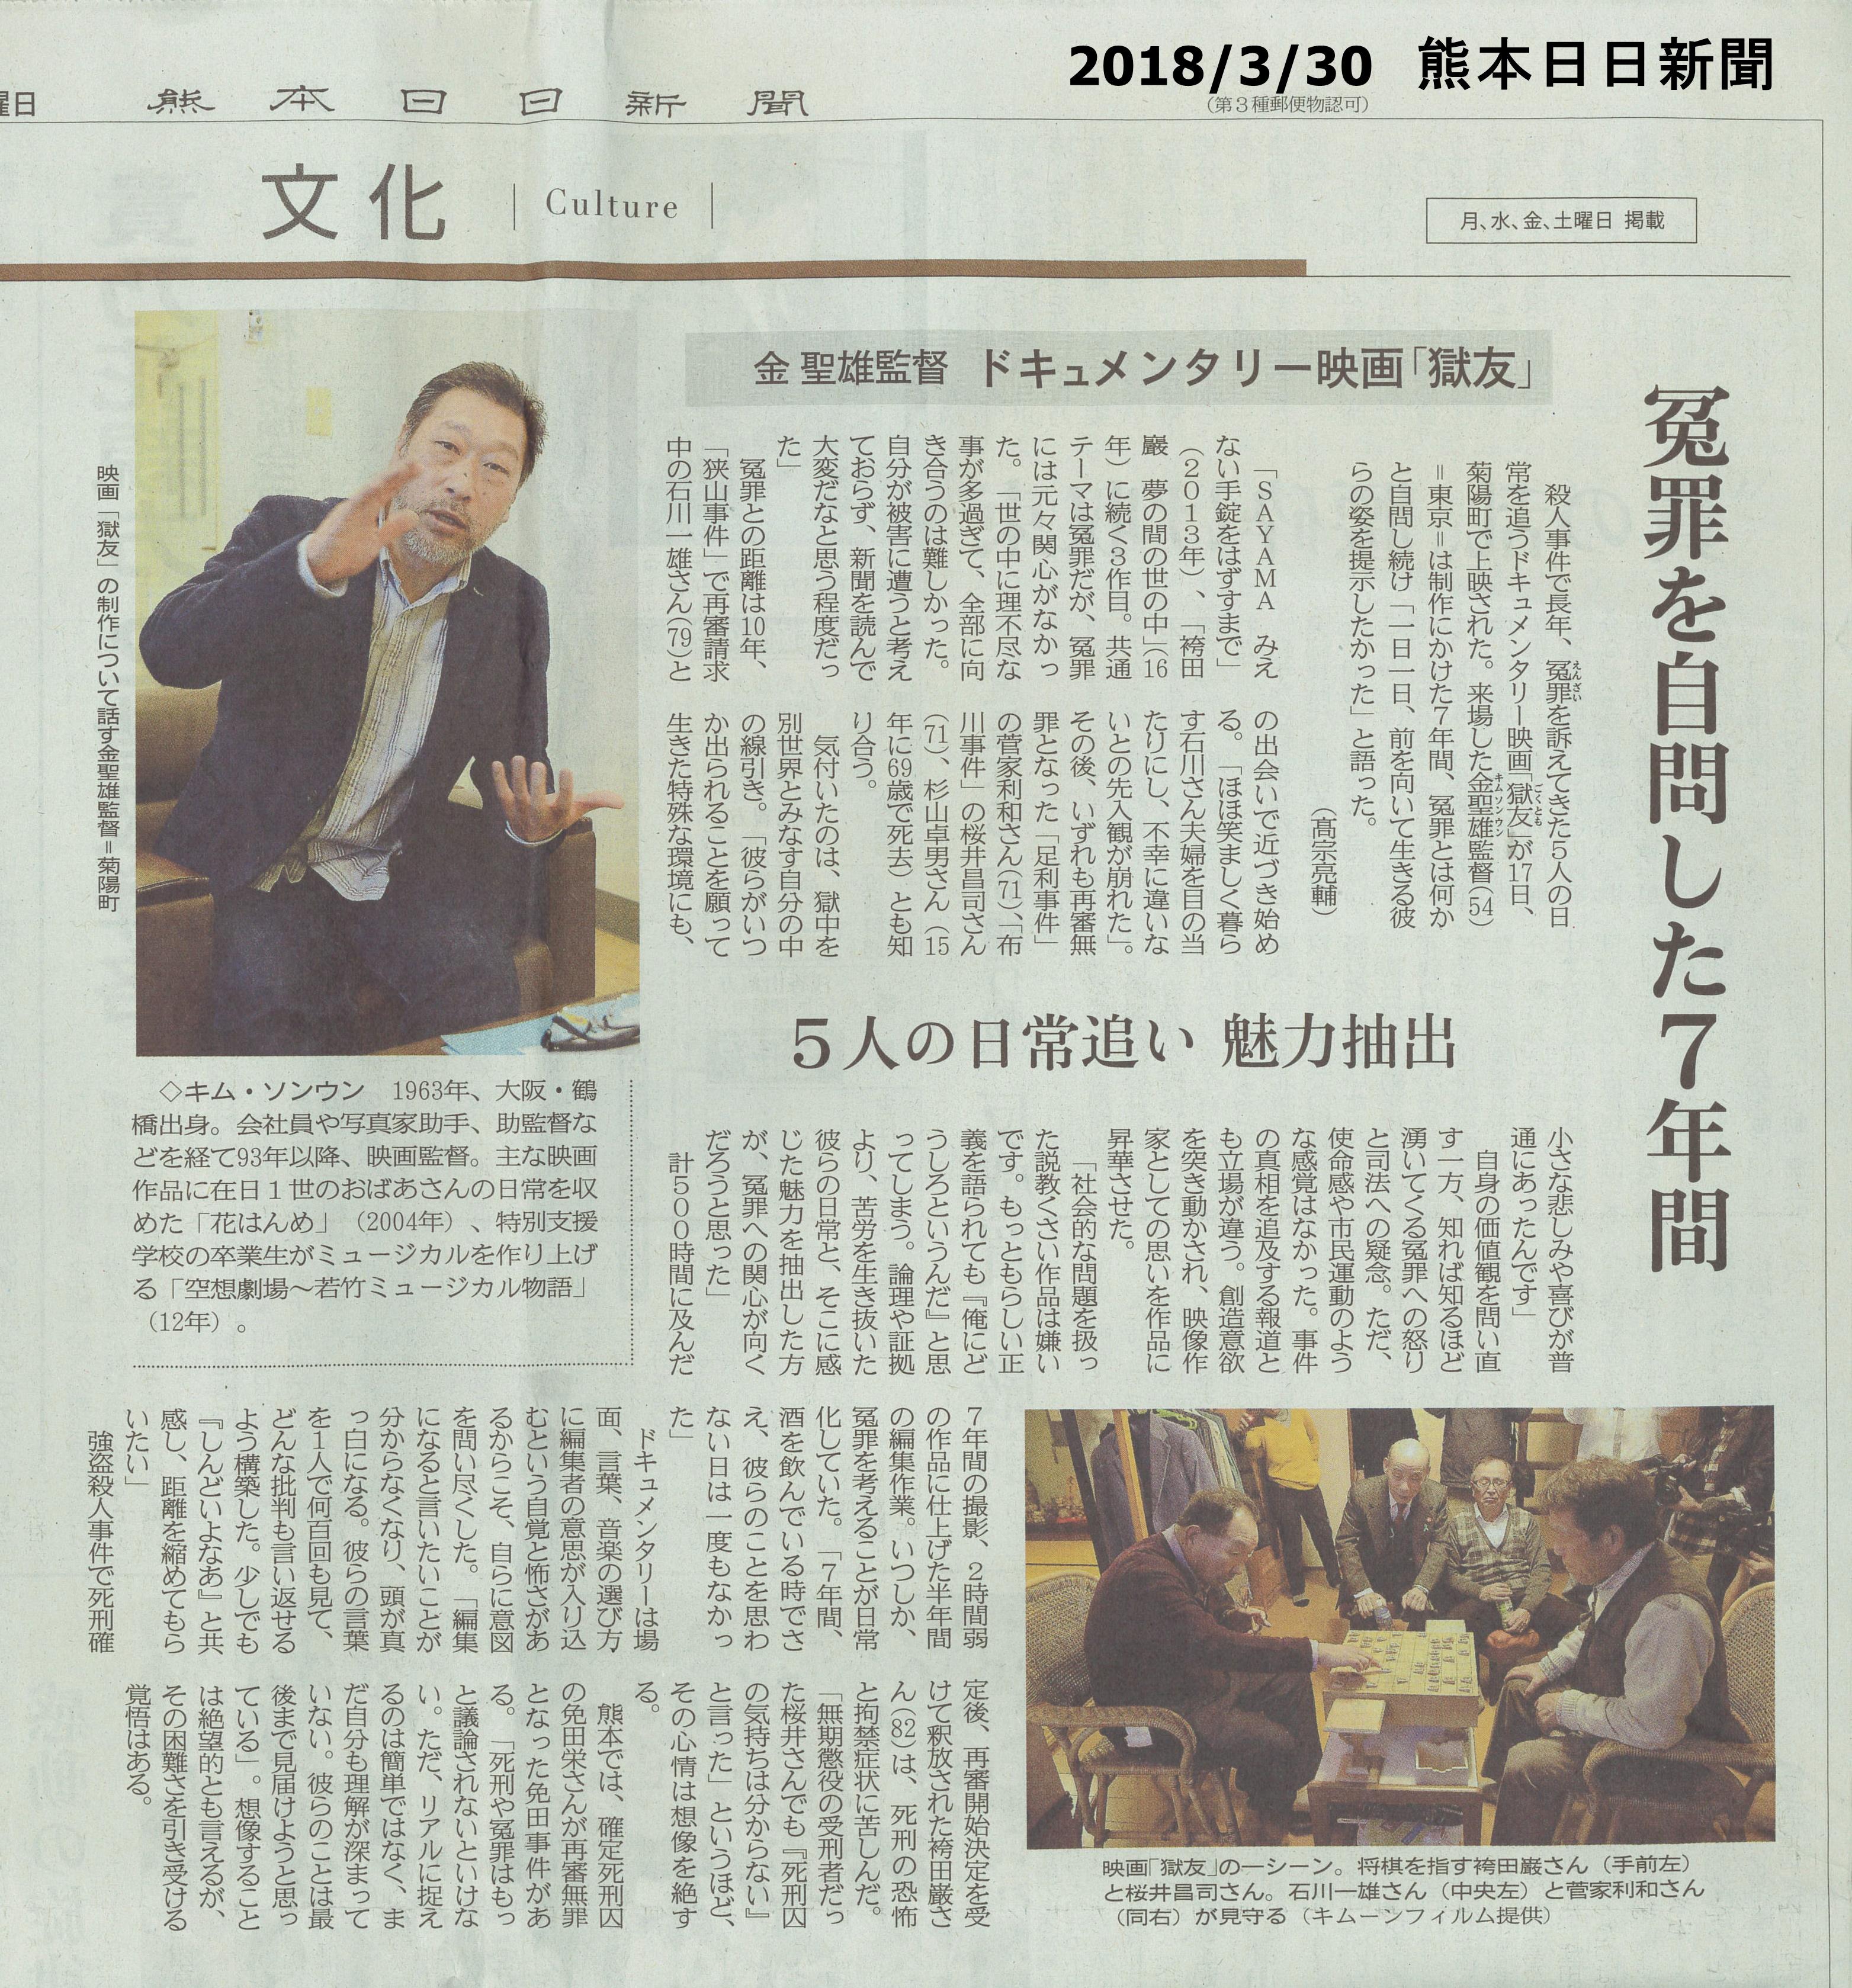 2018.3.30 熊本日日新聞